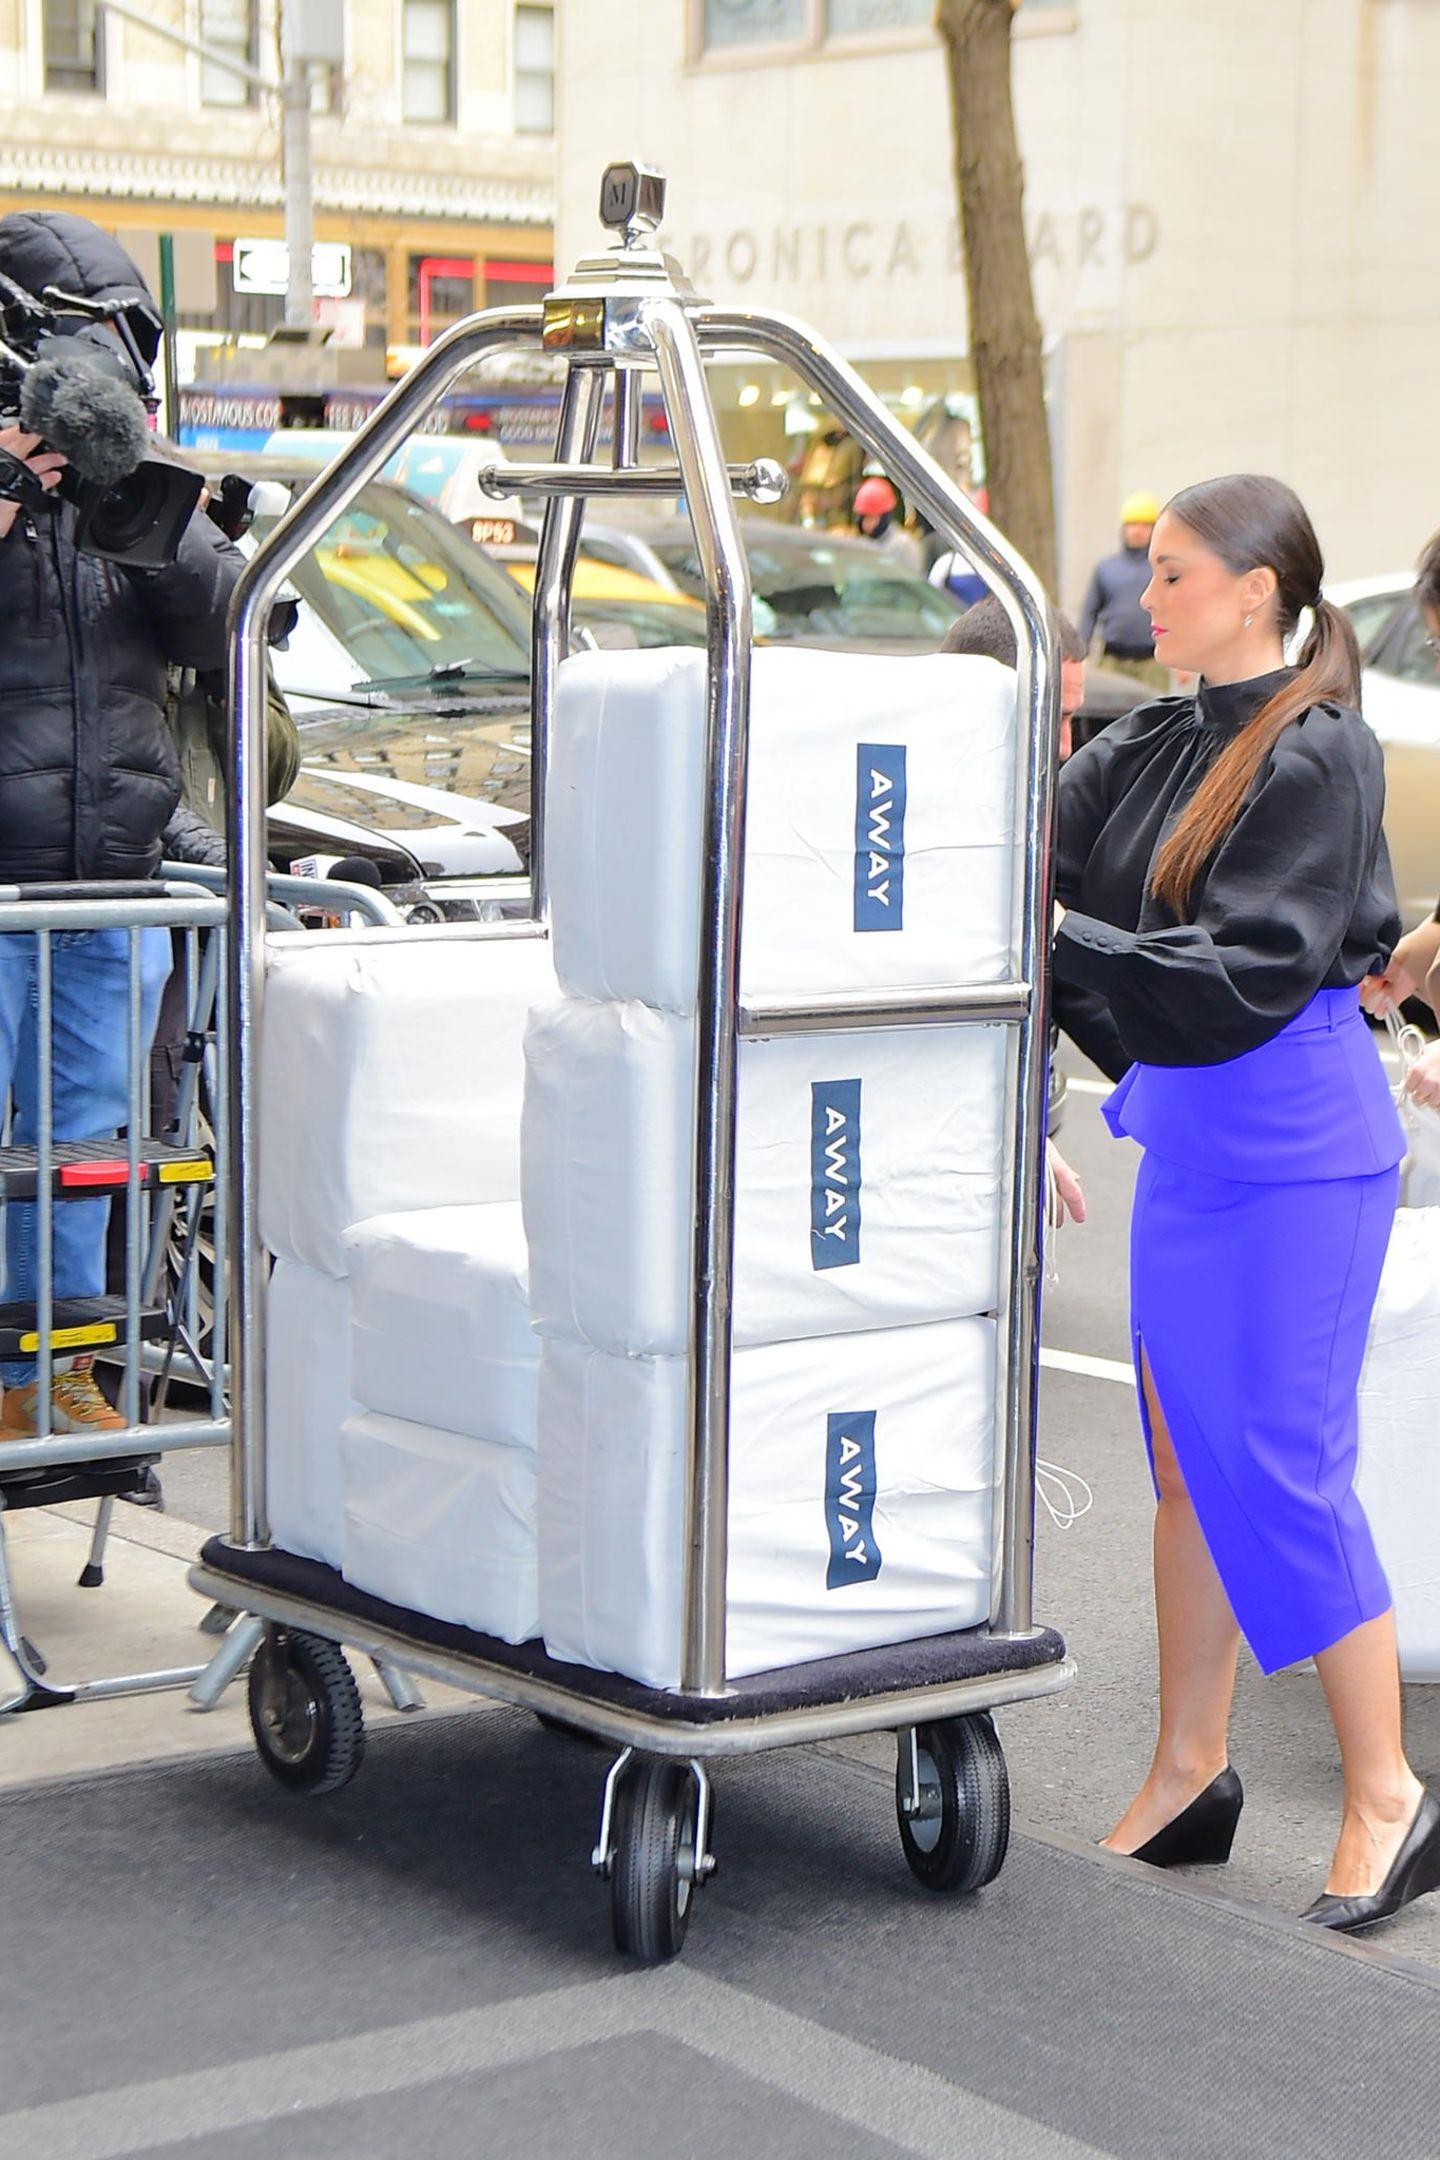 """Kommen hier Gastgeschenke für Meghan und ihre Freunde an? Die Luxus-Koffermarke Away liefert einige Taschen mit Koffern ins Hotel """"The Mark""""."""